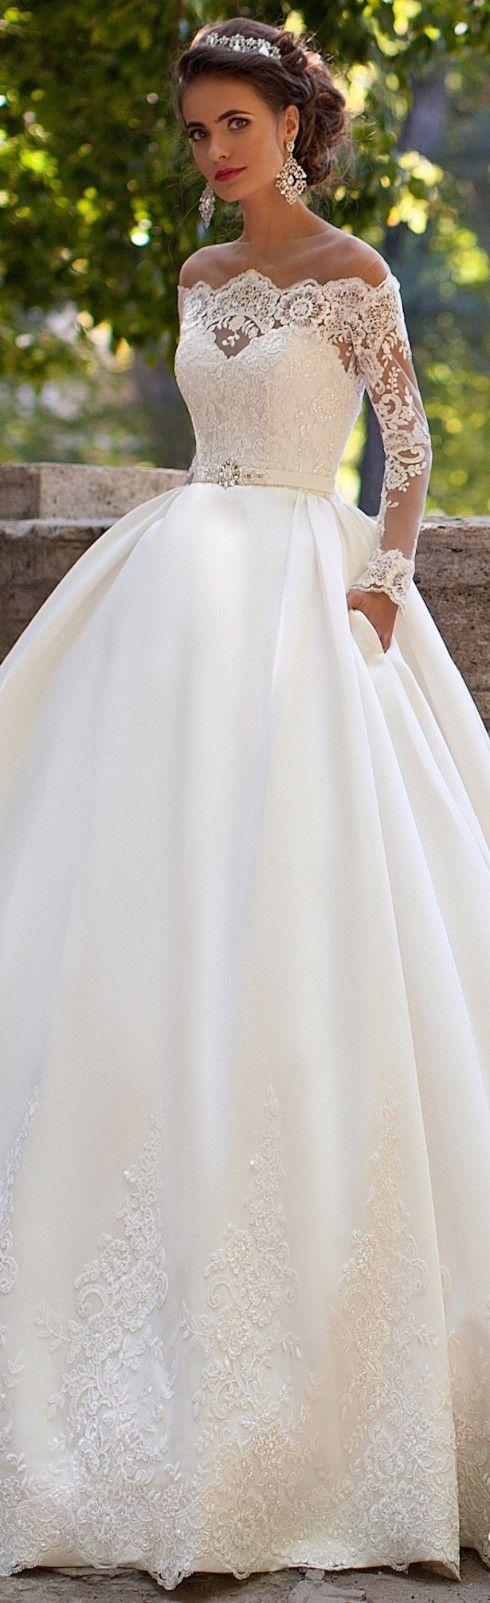 Robe de mariée Milla Nova : princesse avec de la dentelle , manches longues